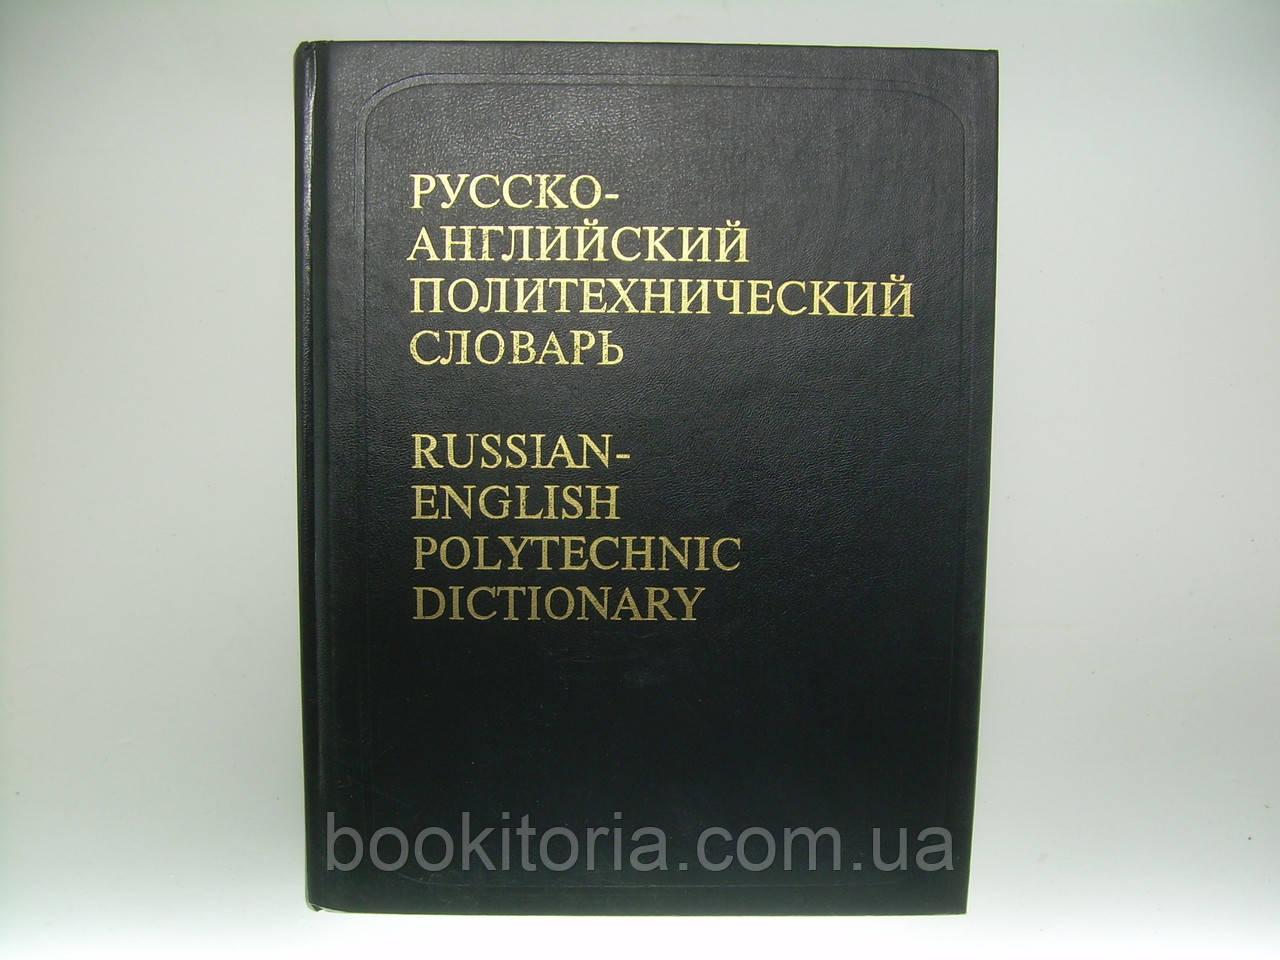 Русско-английский политехнический словарь (б/у).